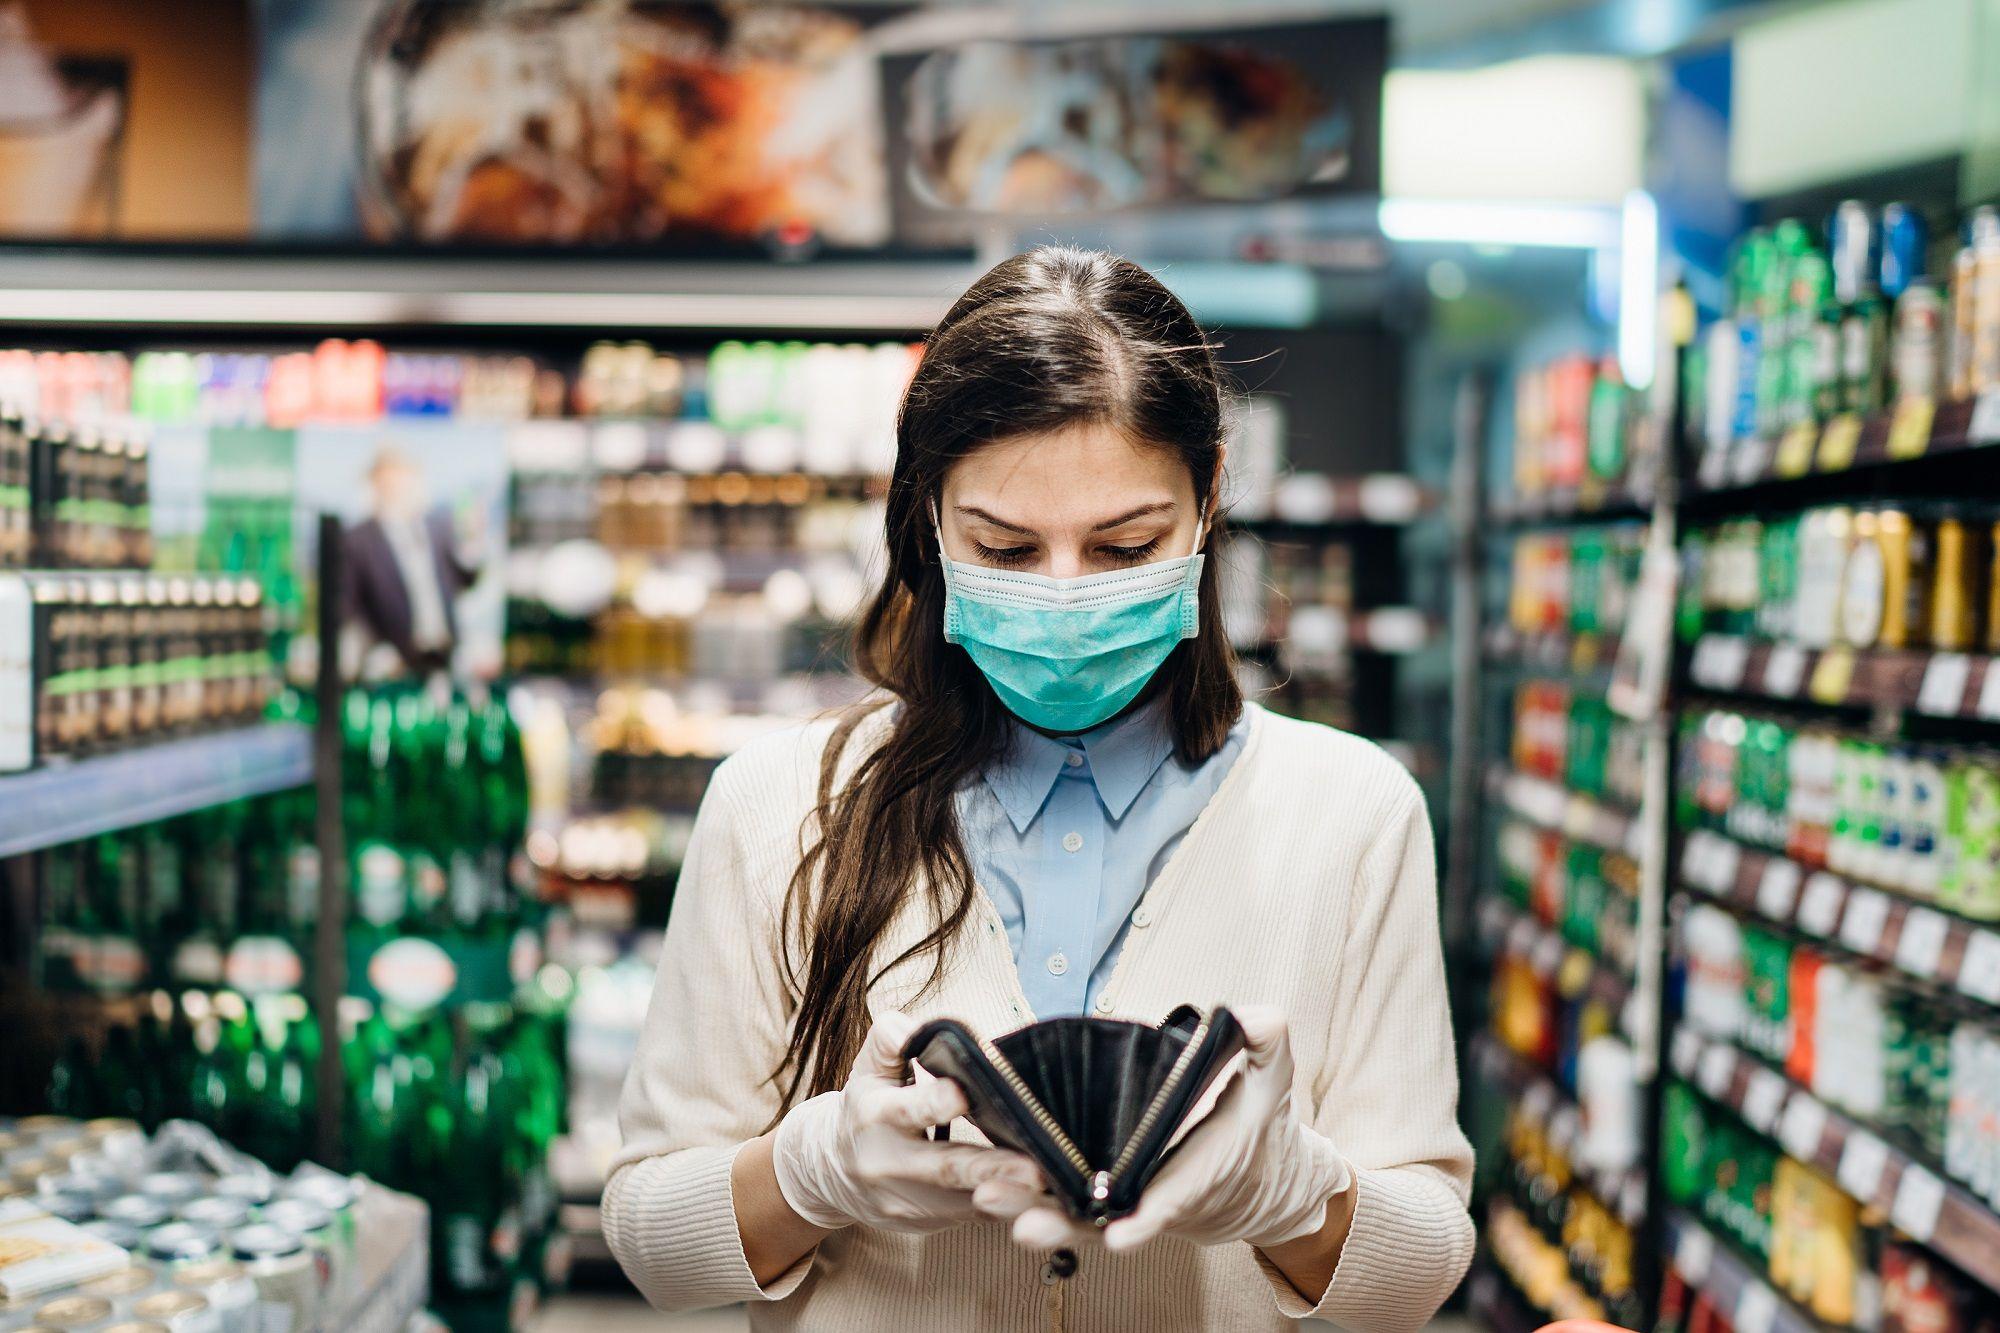 La inseguridad alimentaria, un problema al alza en España por la pandemia